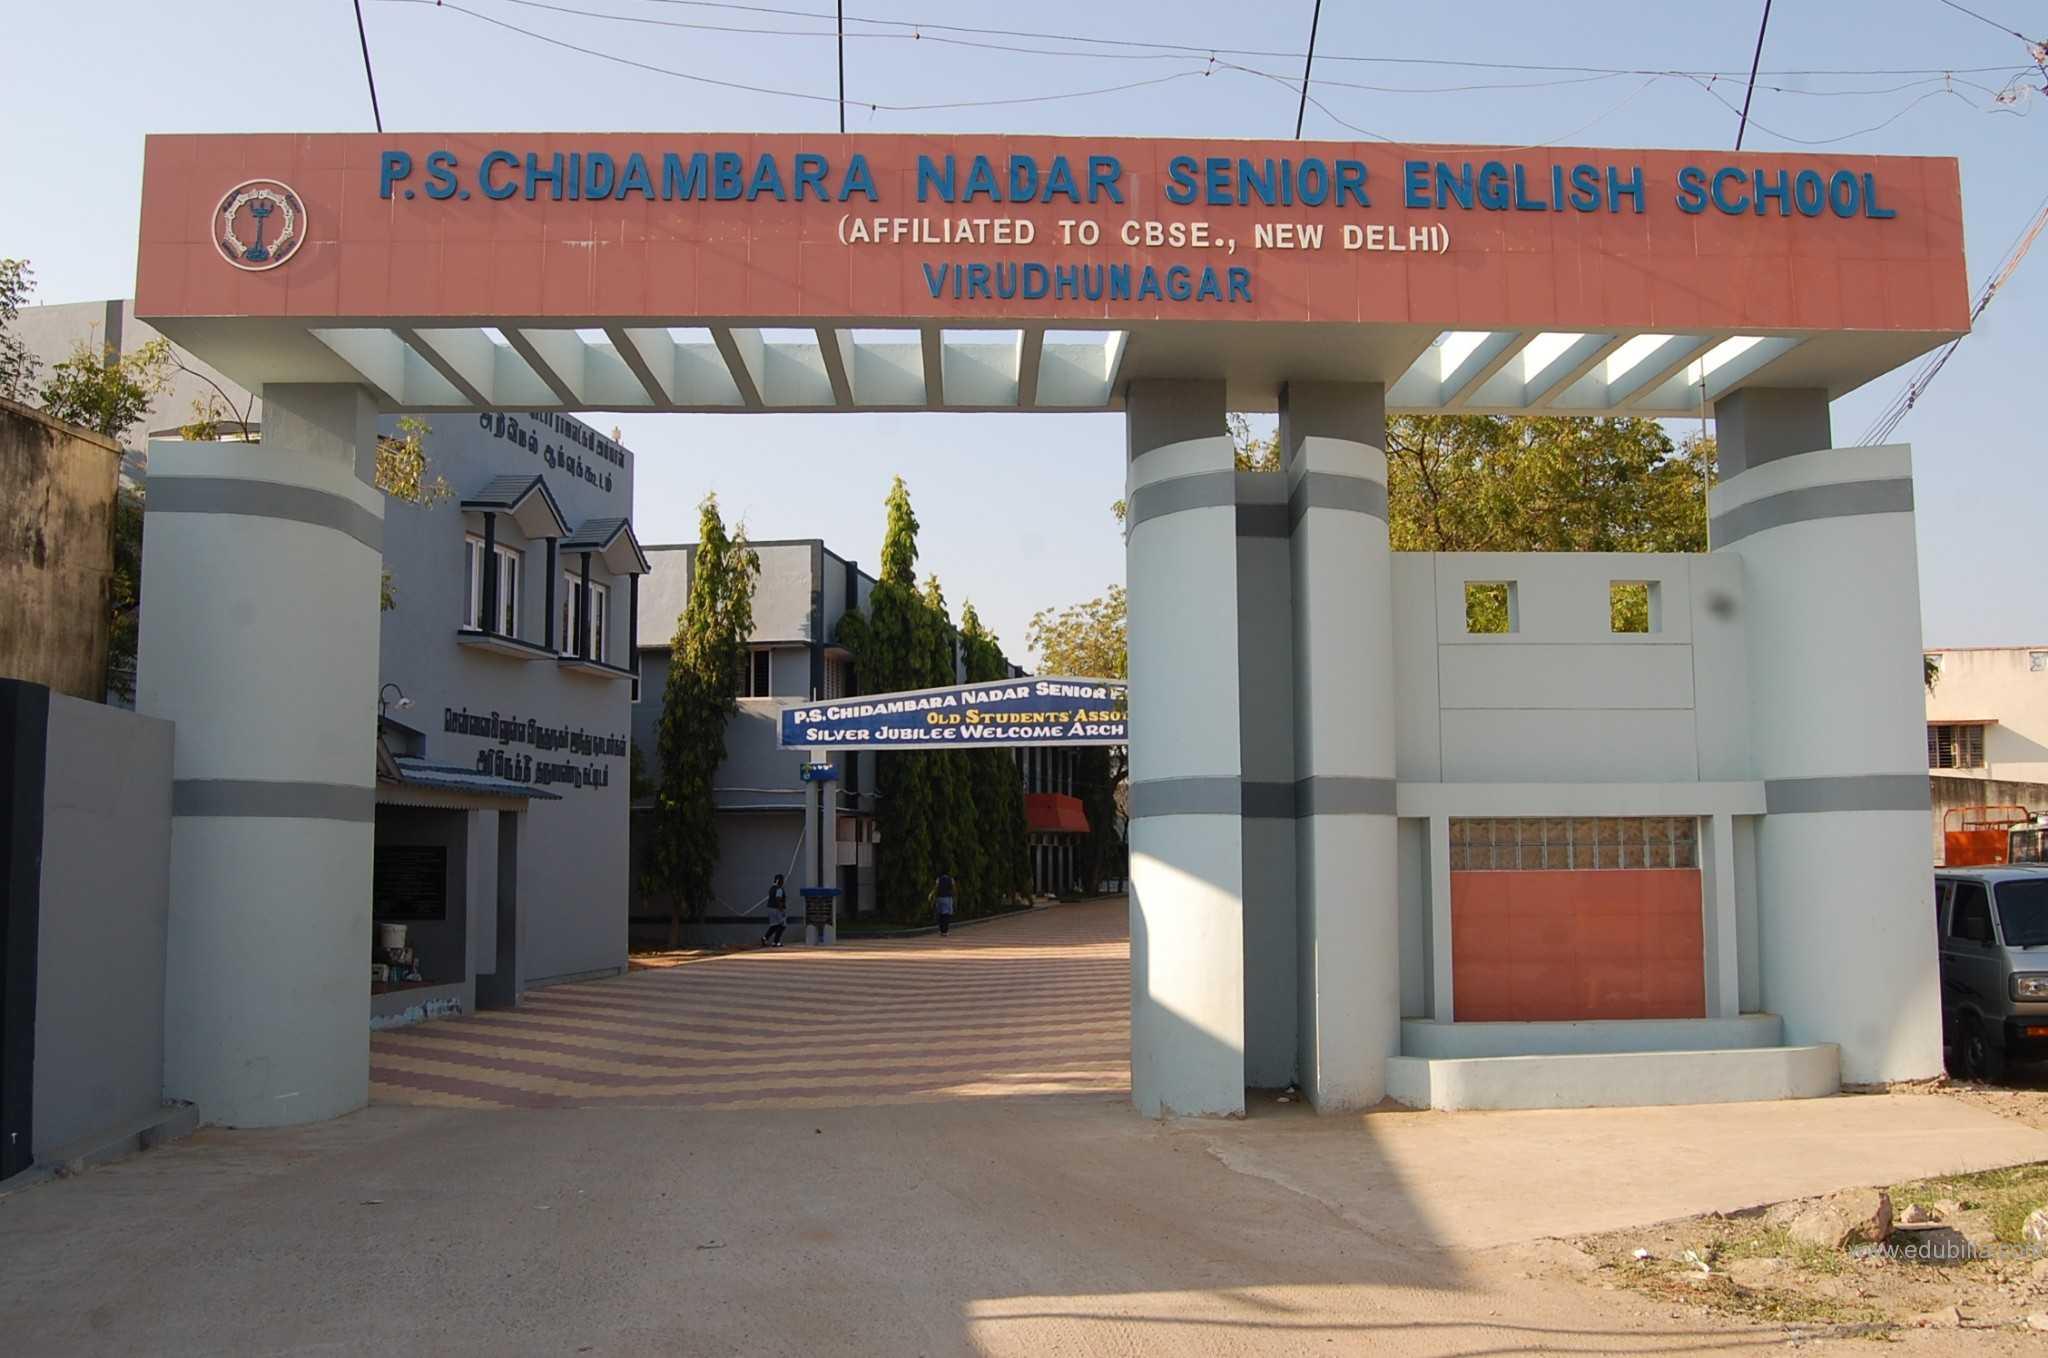 p.s.chidambara_nadar_senior_english_school1.jpg